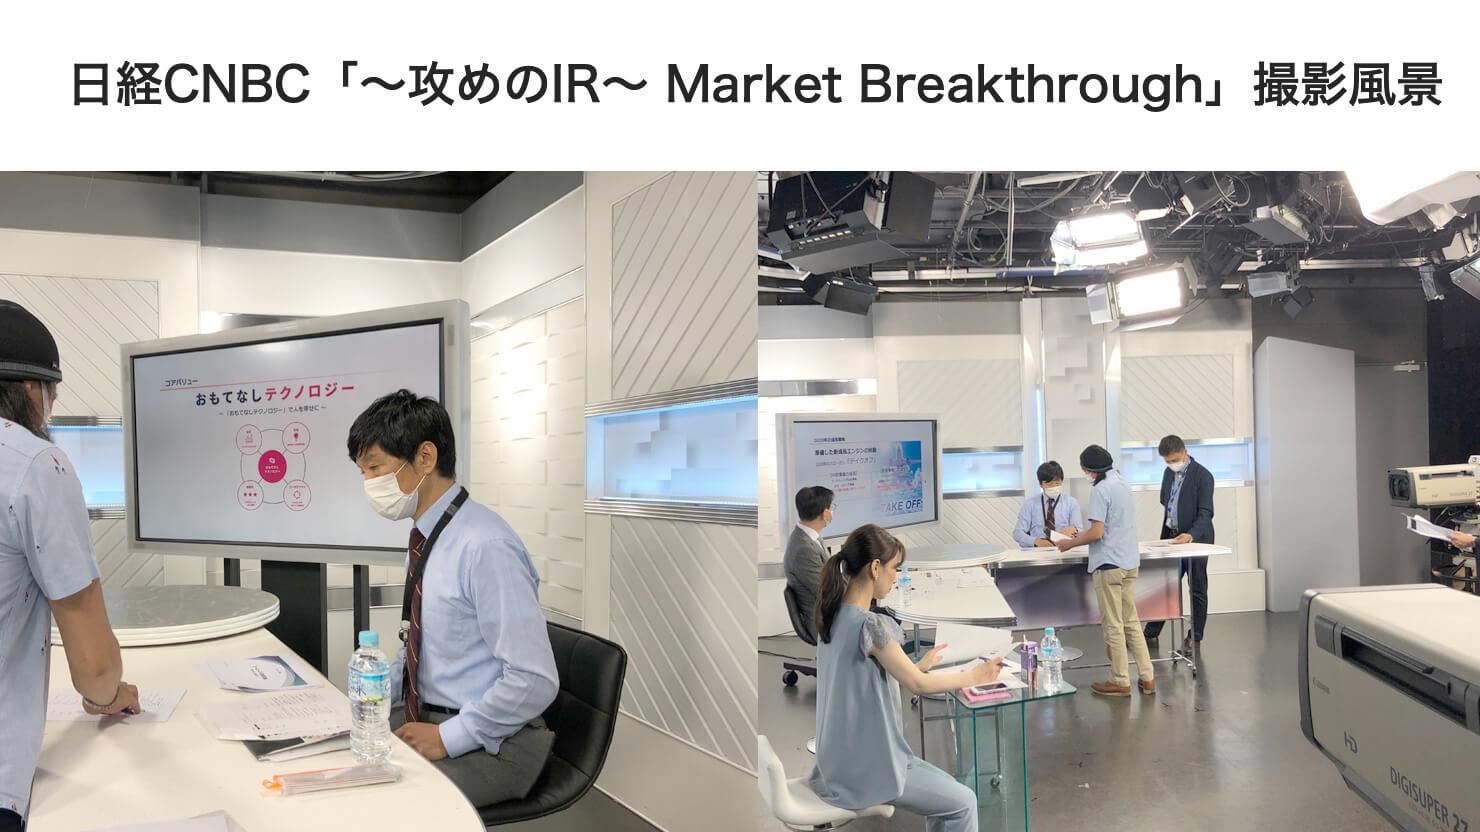 日経CNBC「~攻めのIR~ Market Breakthrough」撮影風景